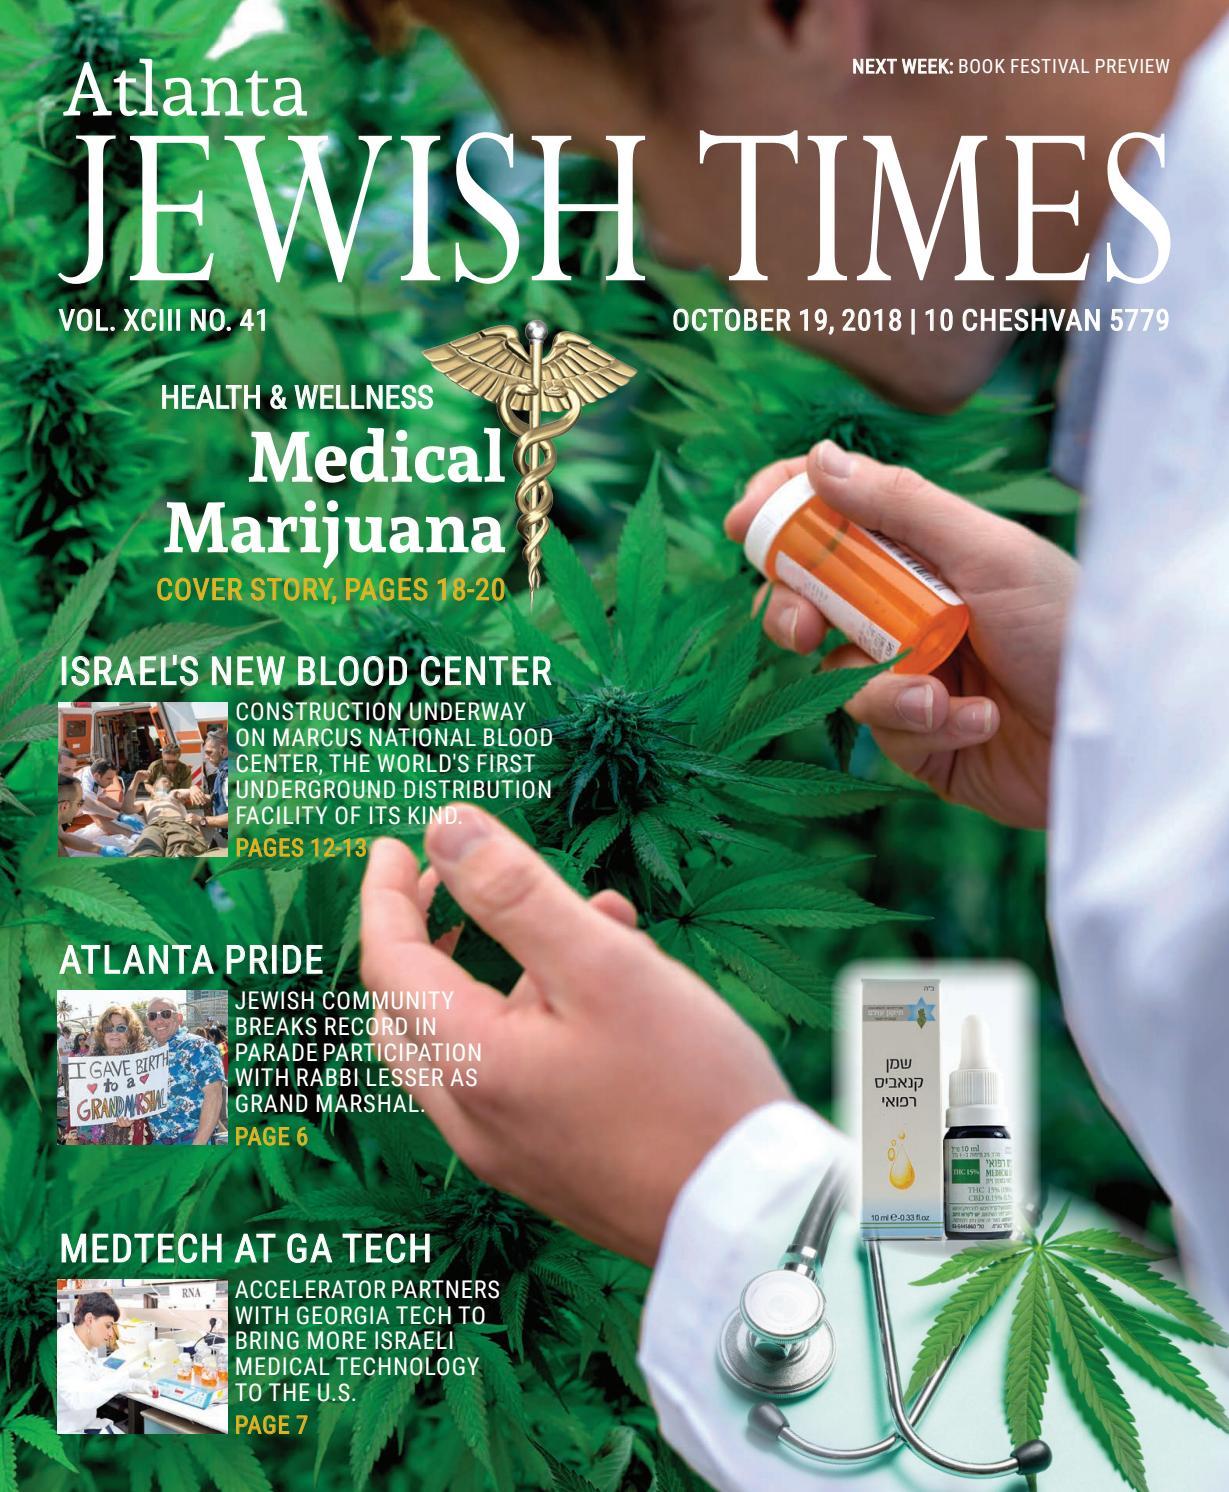 Atlanta Jewish Times, Vol  XCIII No  41, October 19, 2018 by